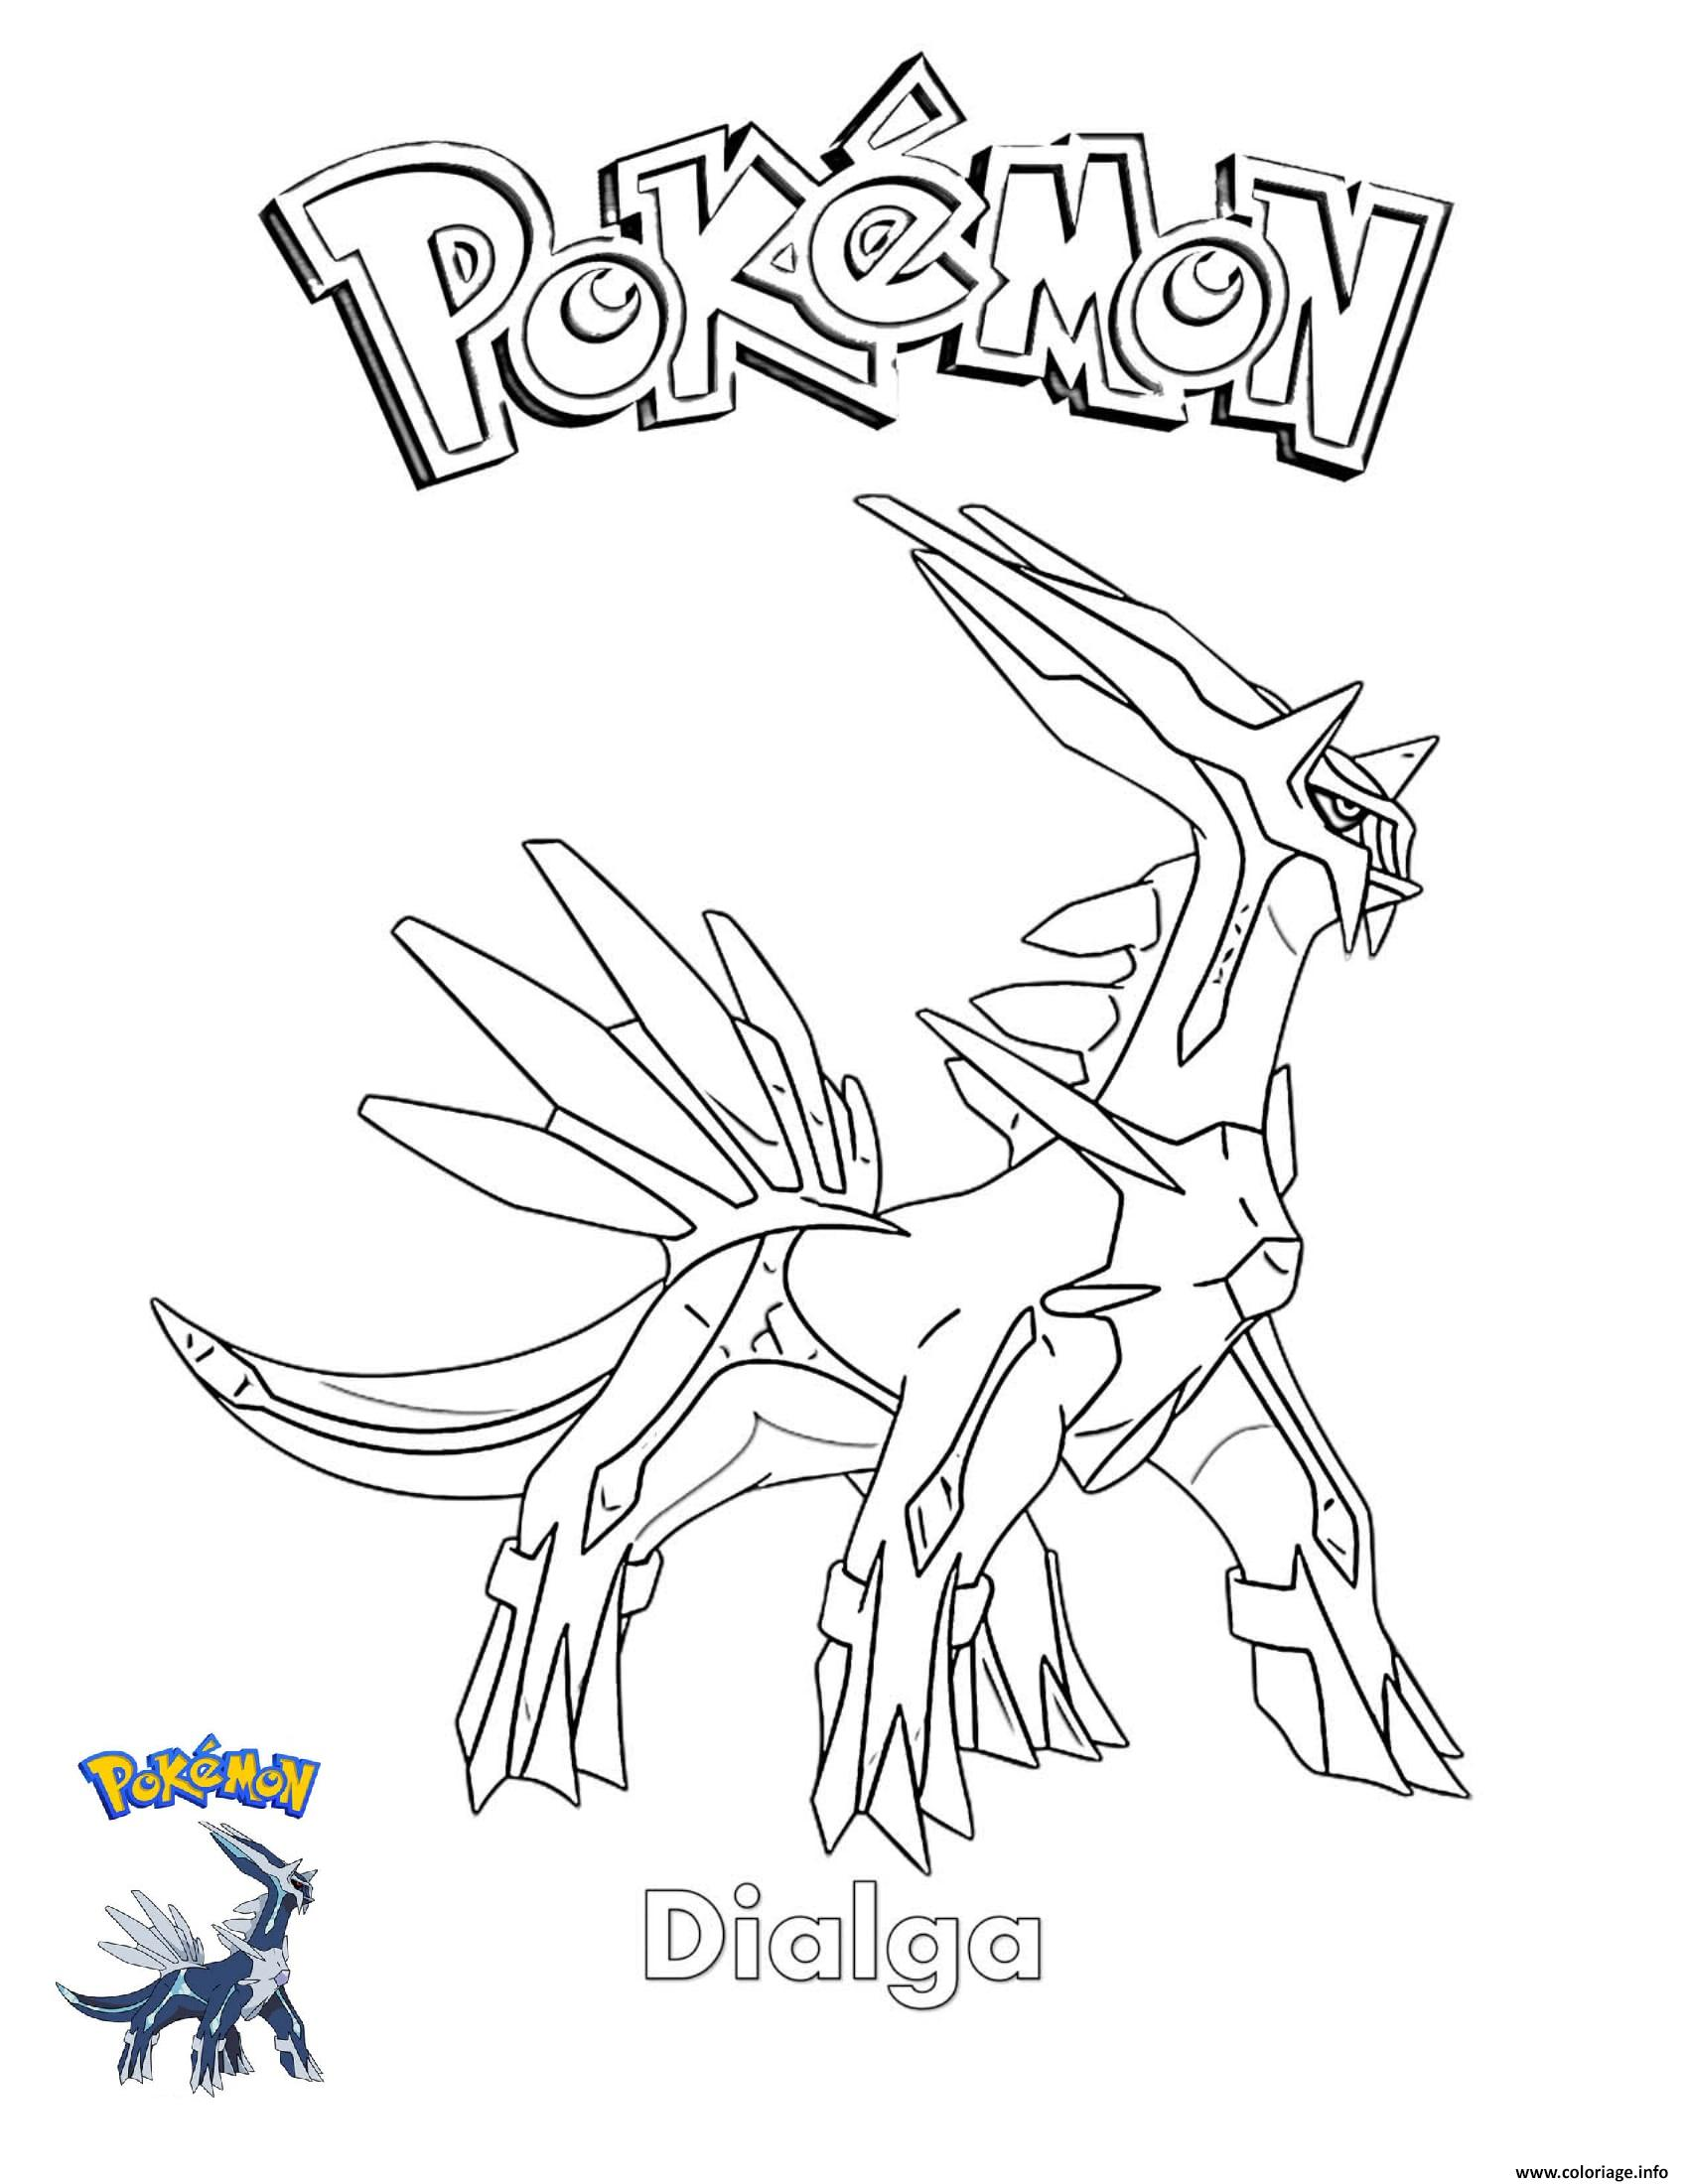 Coloriage dialga pokemon dessin - Coloriage pokemon palkia ...